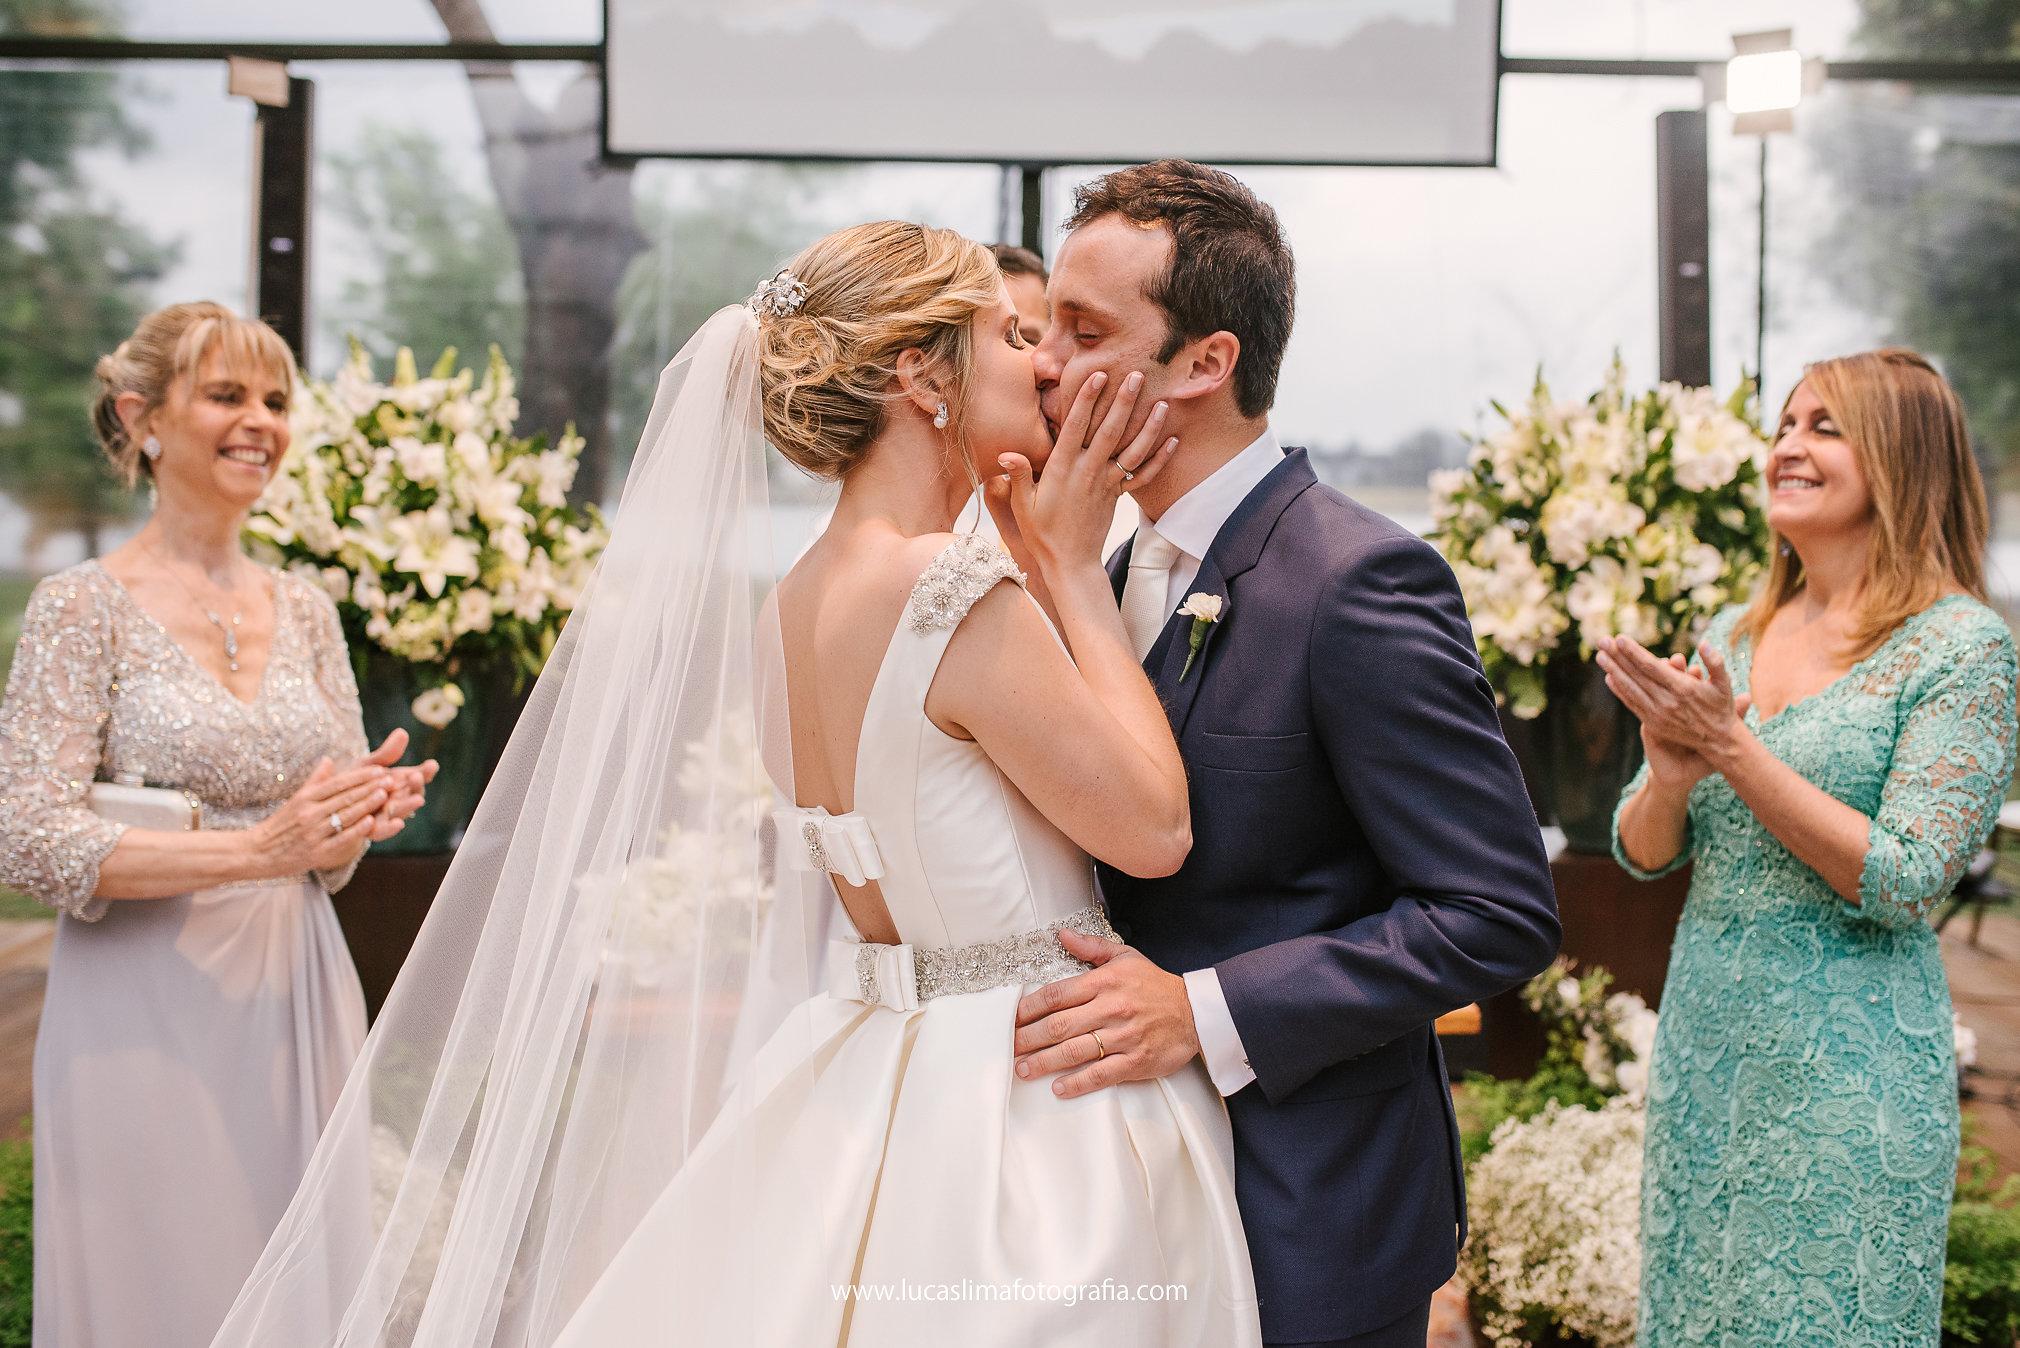 casamento-flavia-e-thomas-lucaslimafotografia-137